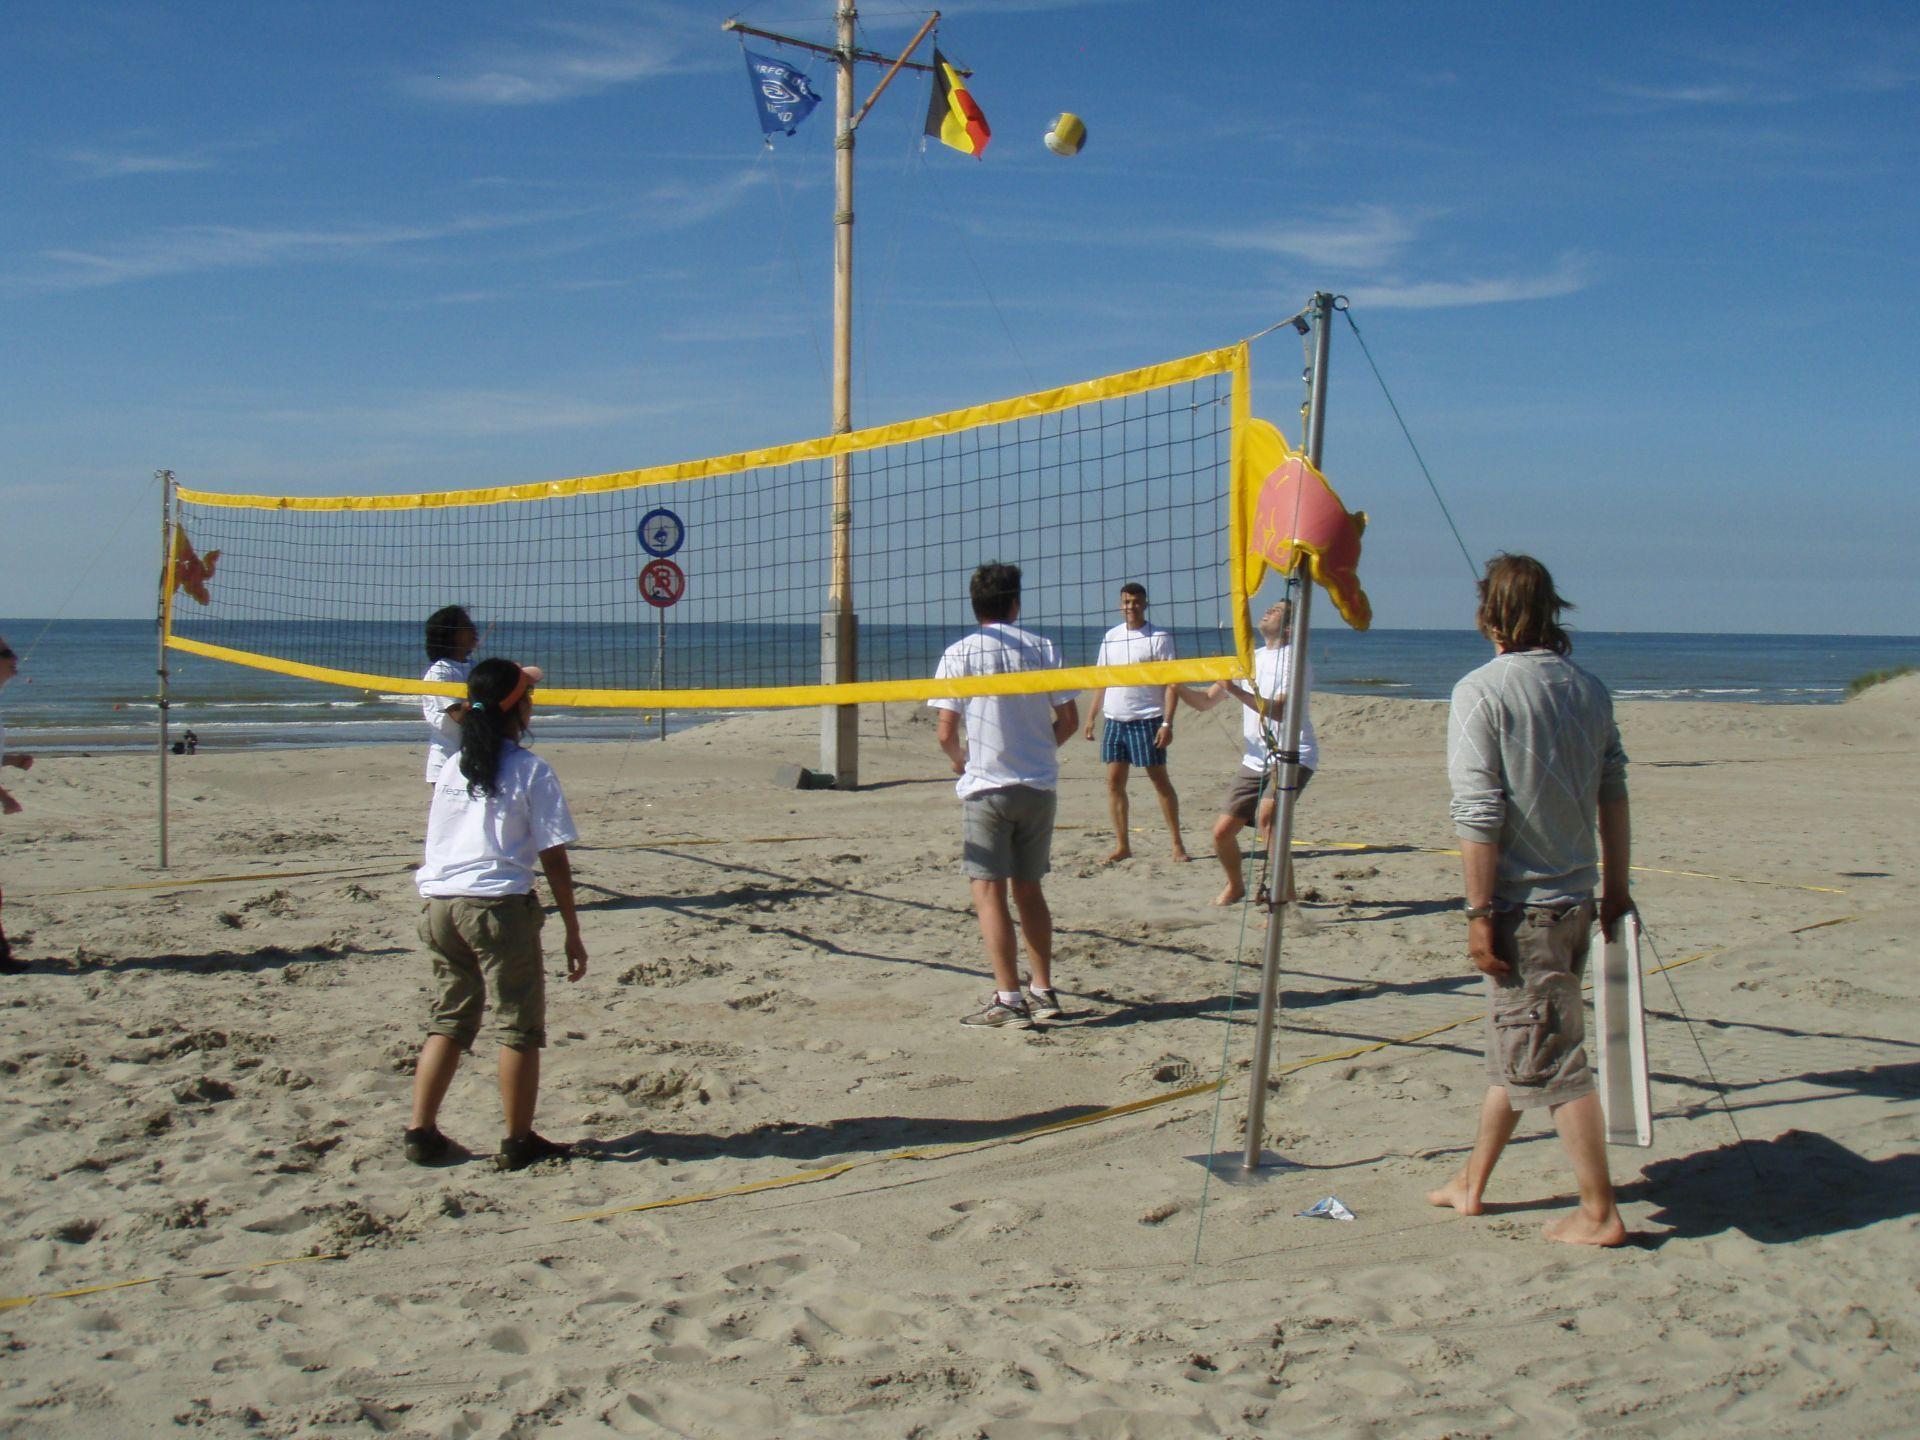 balspelen met de voeten in het zand